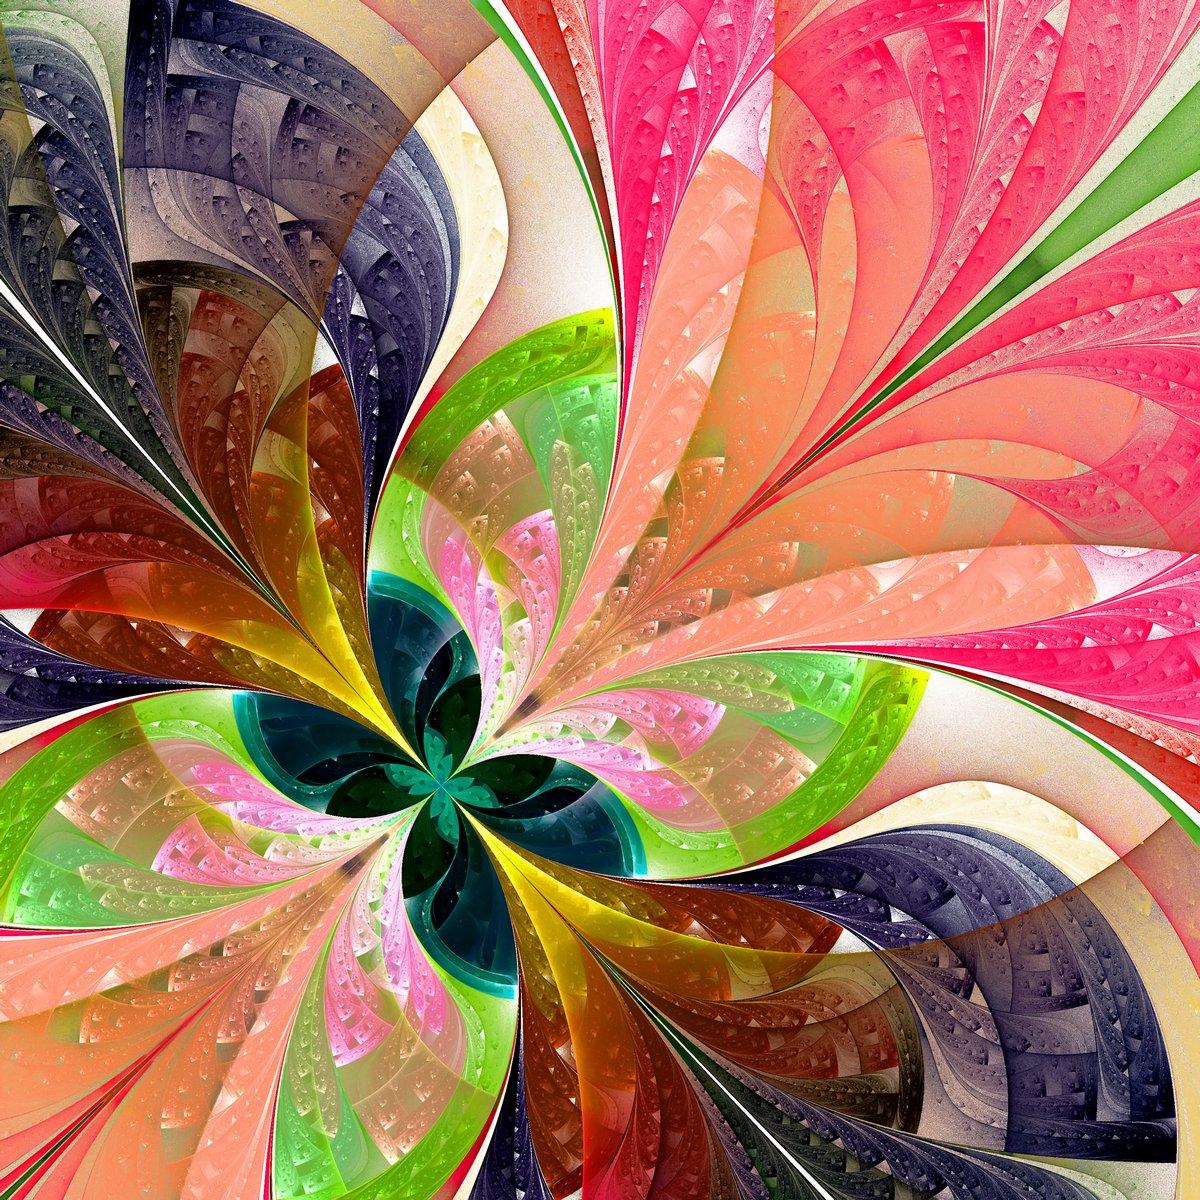 Многоцветная красивый фрактал цветок. Компьютерной графики, 20x20 см, на бумагеАбстракция<br>Постер на холсте или бумаге. Любого нужного вам размера. В раме или без. Подвес в комплекте. Трехслойная надежная упаковка. Доставим в любую точку России. Вам осталось только повесить картину на стену!<br>